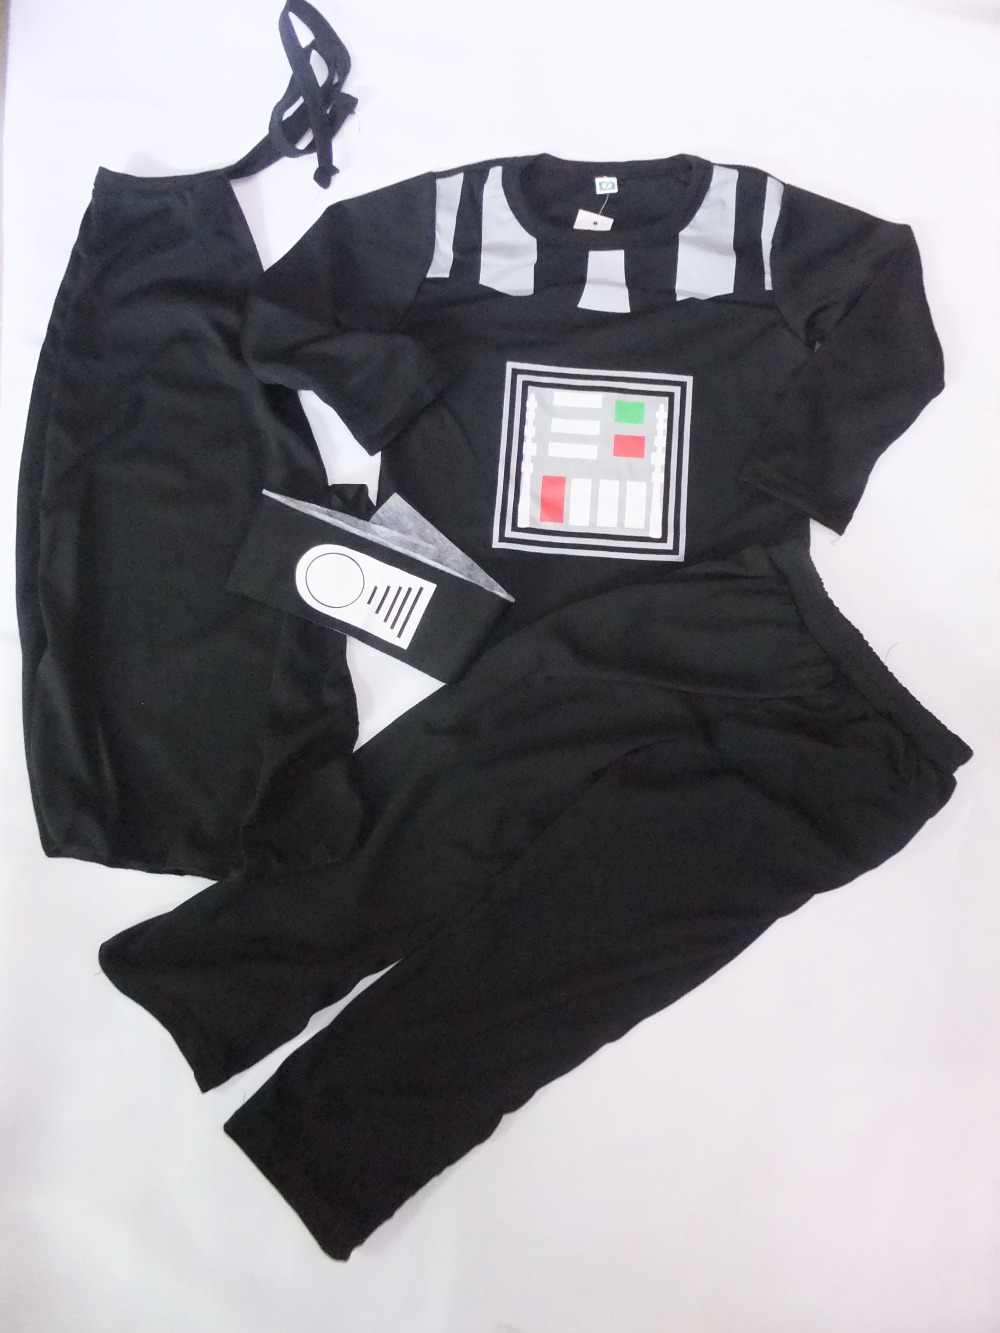 Մեծածախ / մանրածախ 3-7 տարեկան տղա - Կարնավալային հագուստները - Լուսանկար 4